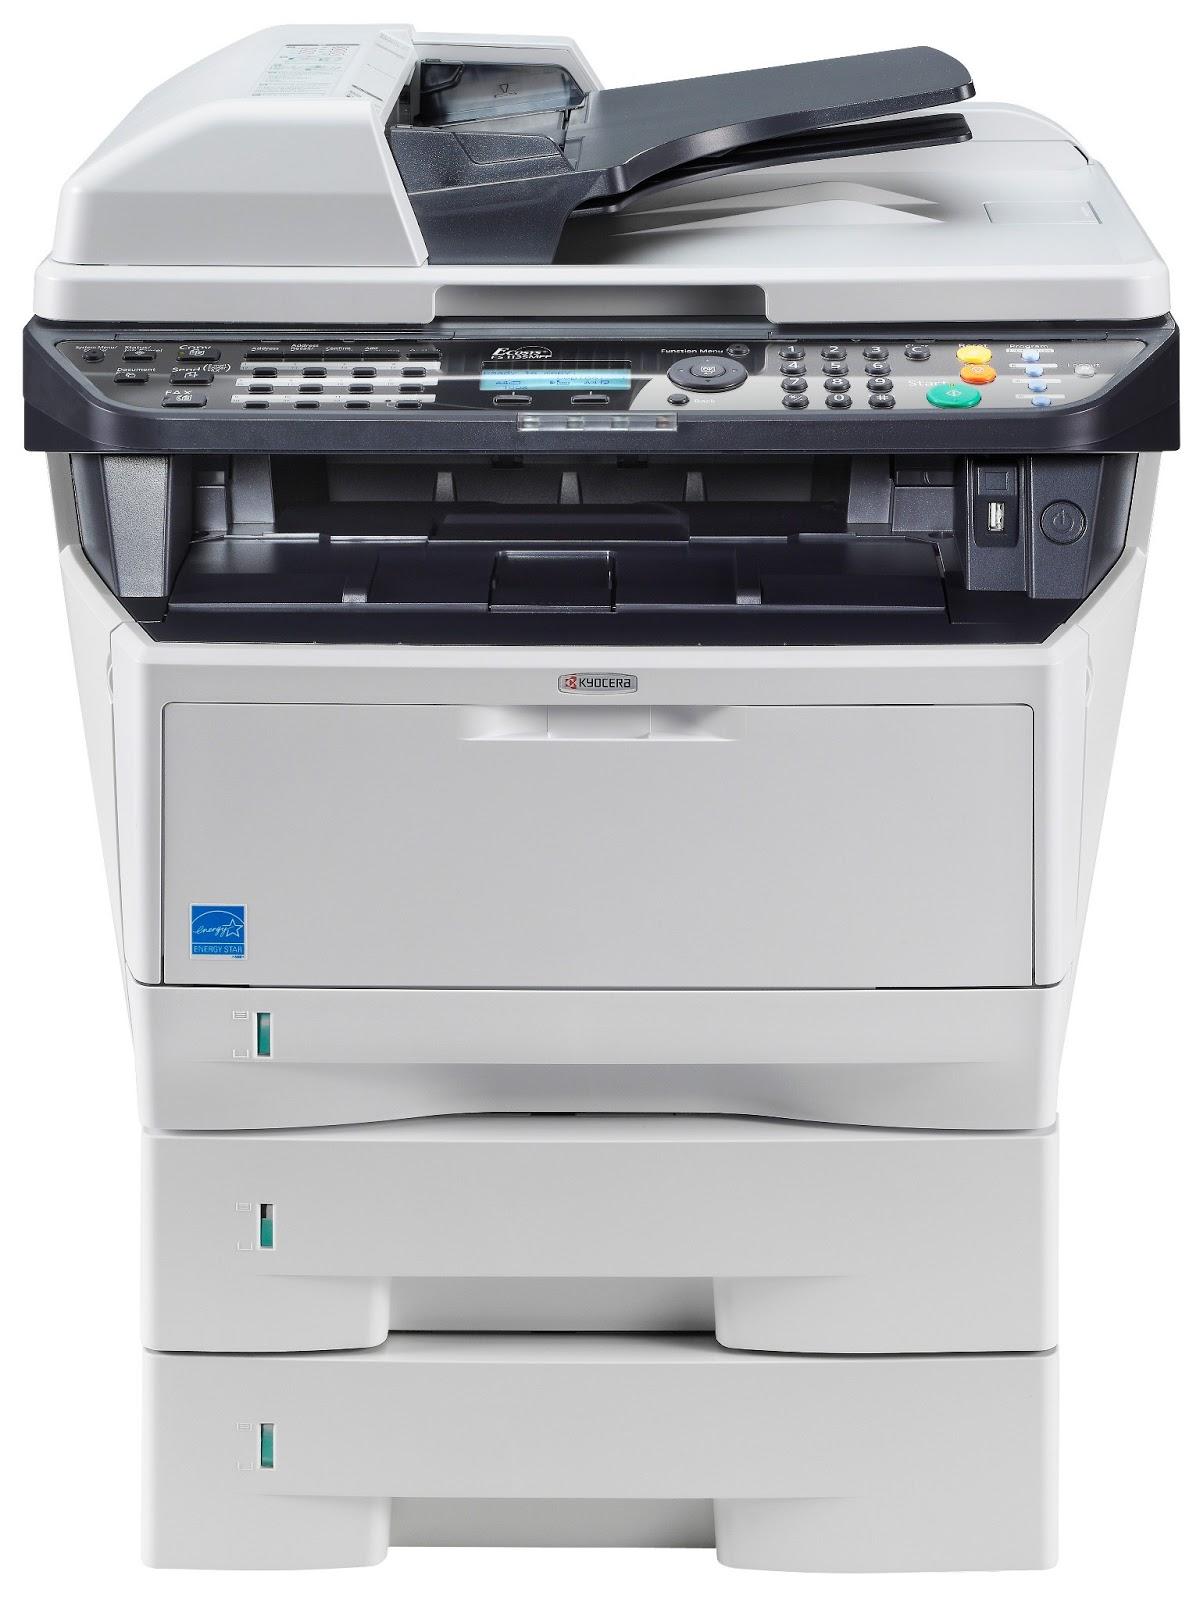 Kelebihan Dan Kekurangan Mesin Fotocopy Kyocera : kelebihan, kekurangan, mesin, fotocopy, kyocera, RICOH-SAMSUNG-HP, PRINTER, INDONESIA:, Mesin, Fotocopy, Multifungsi, Kyocera